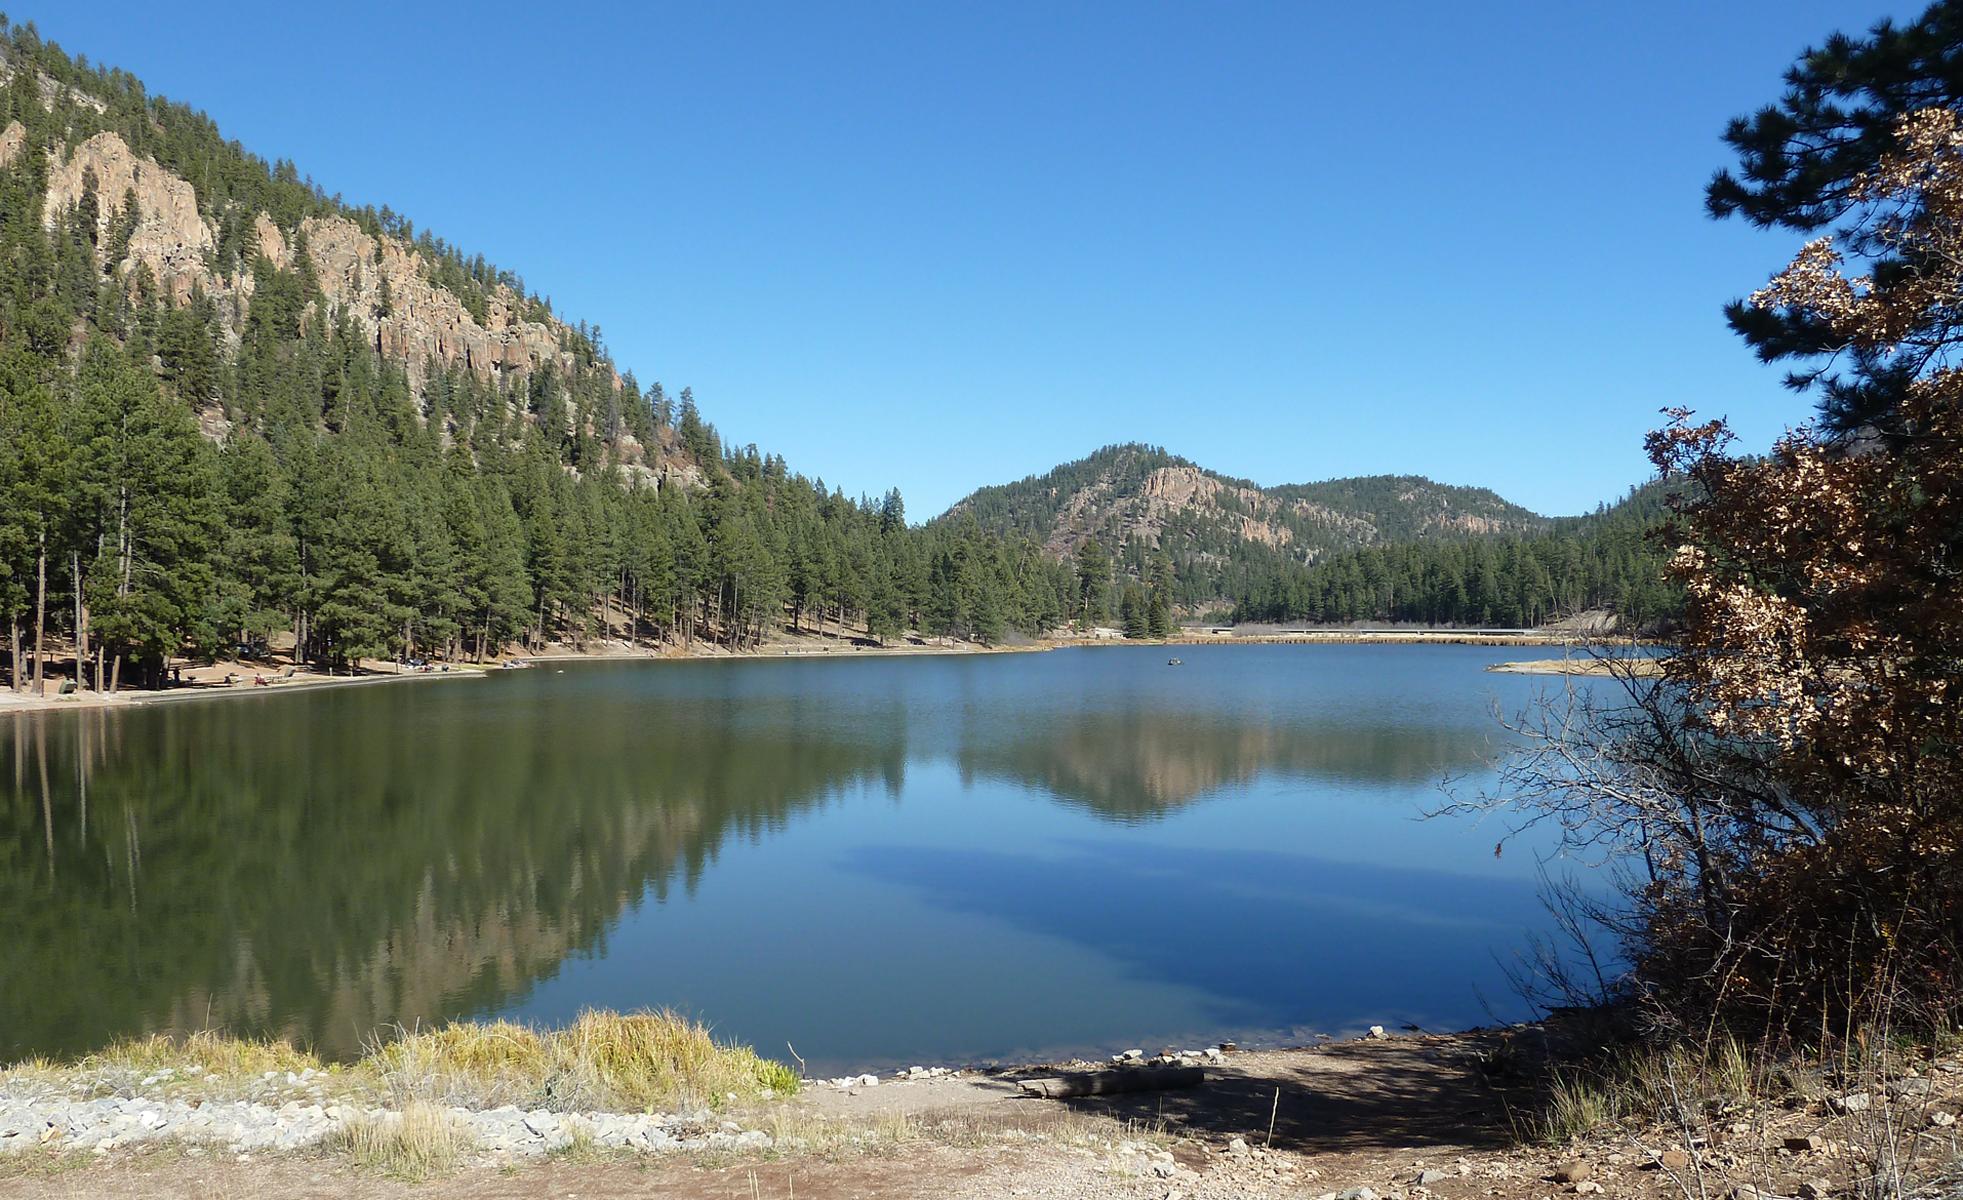 Fenton_Lake1.jpg